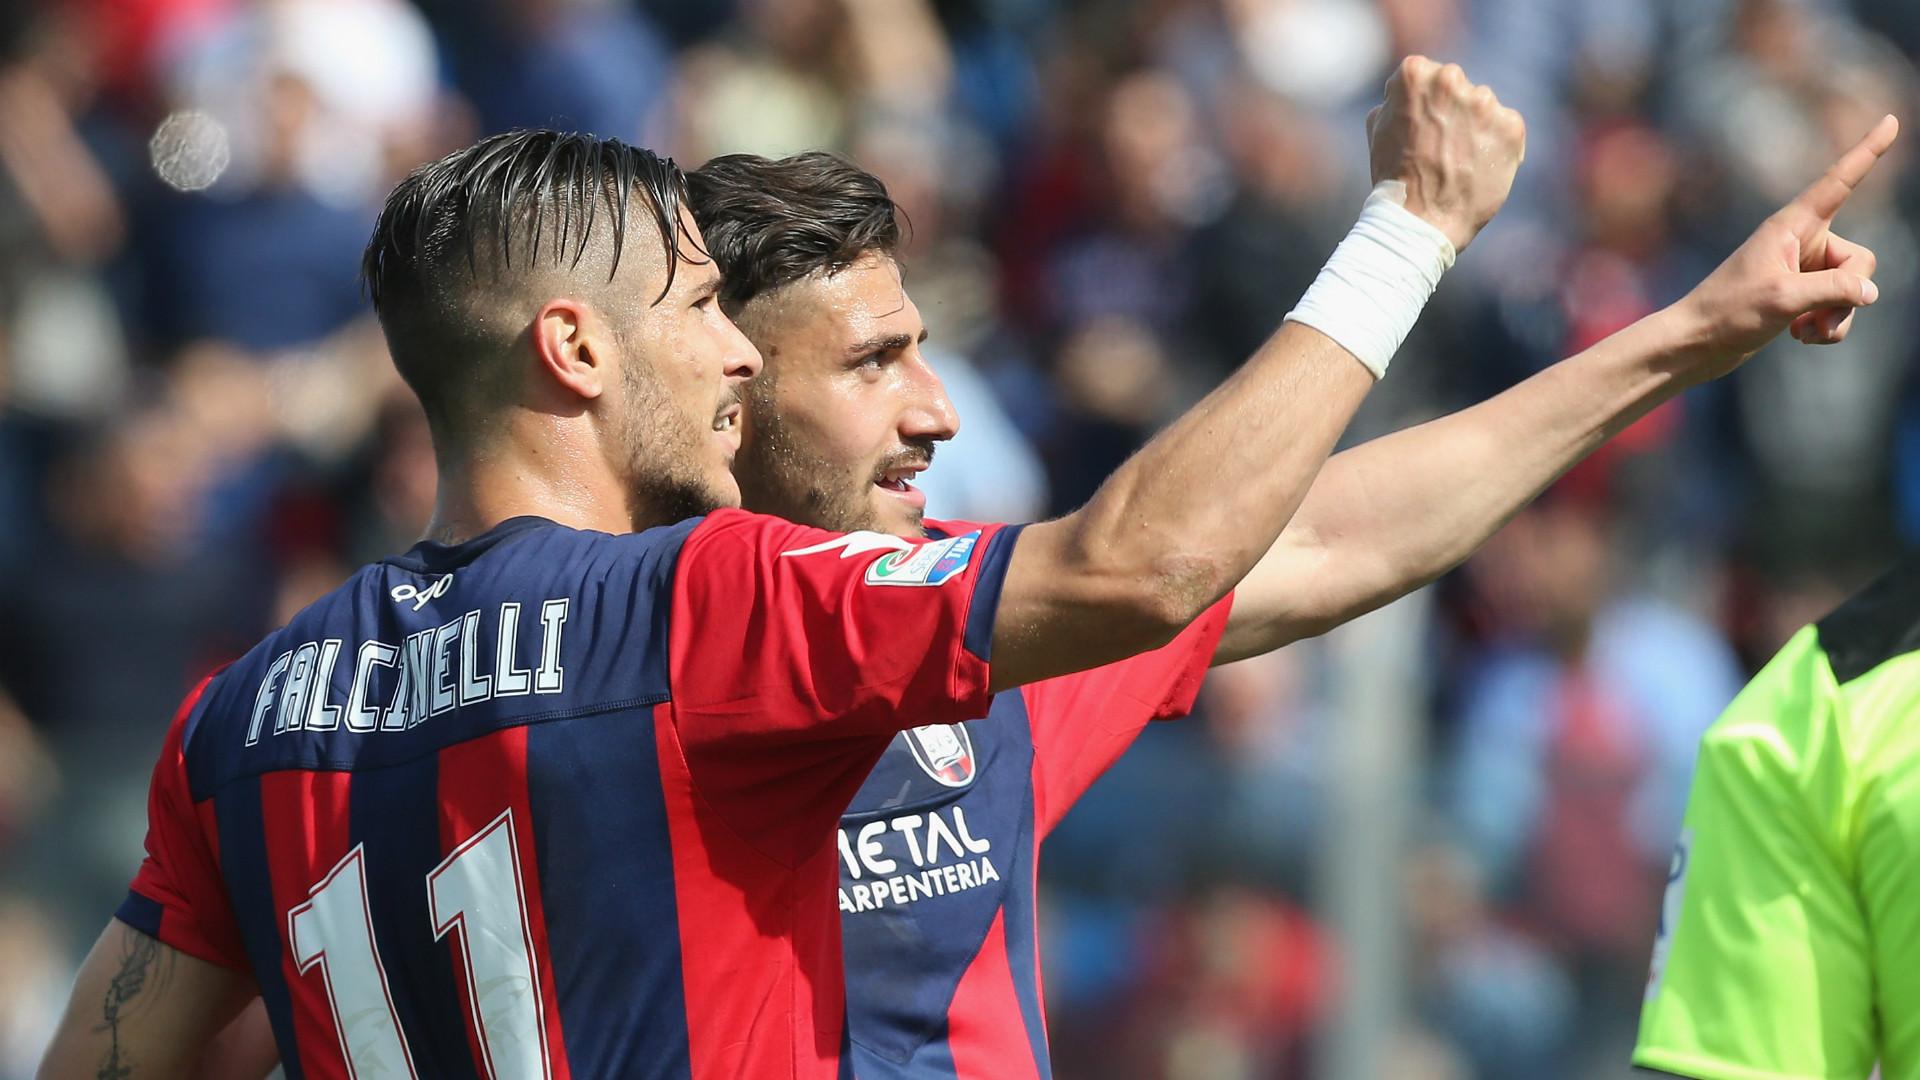 Diego Falcinelli Marcello Trotta Crotone Serie A 2017/04/09